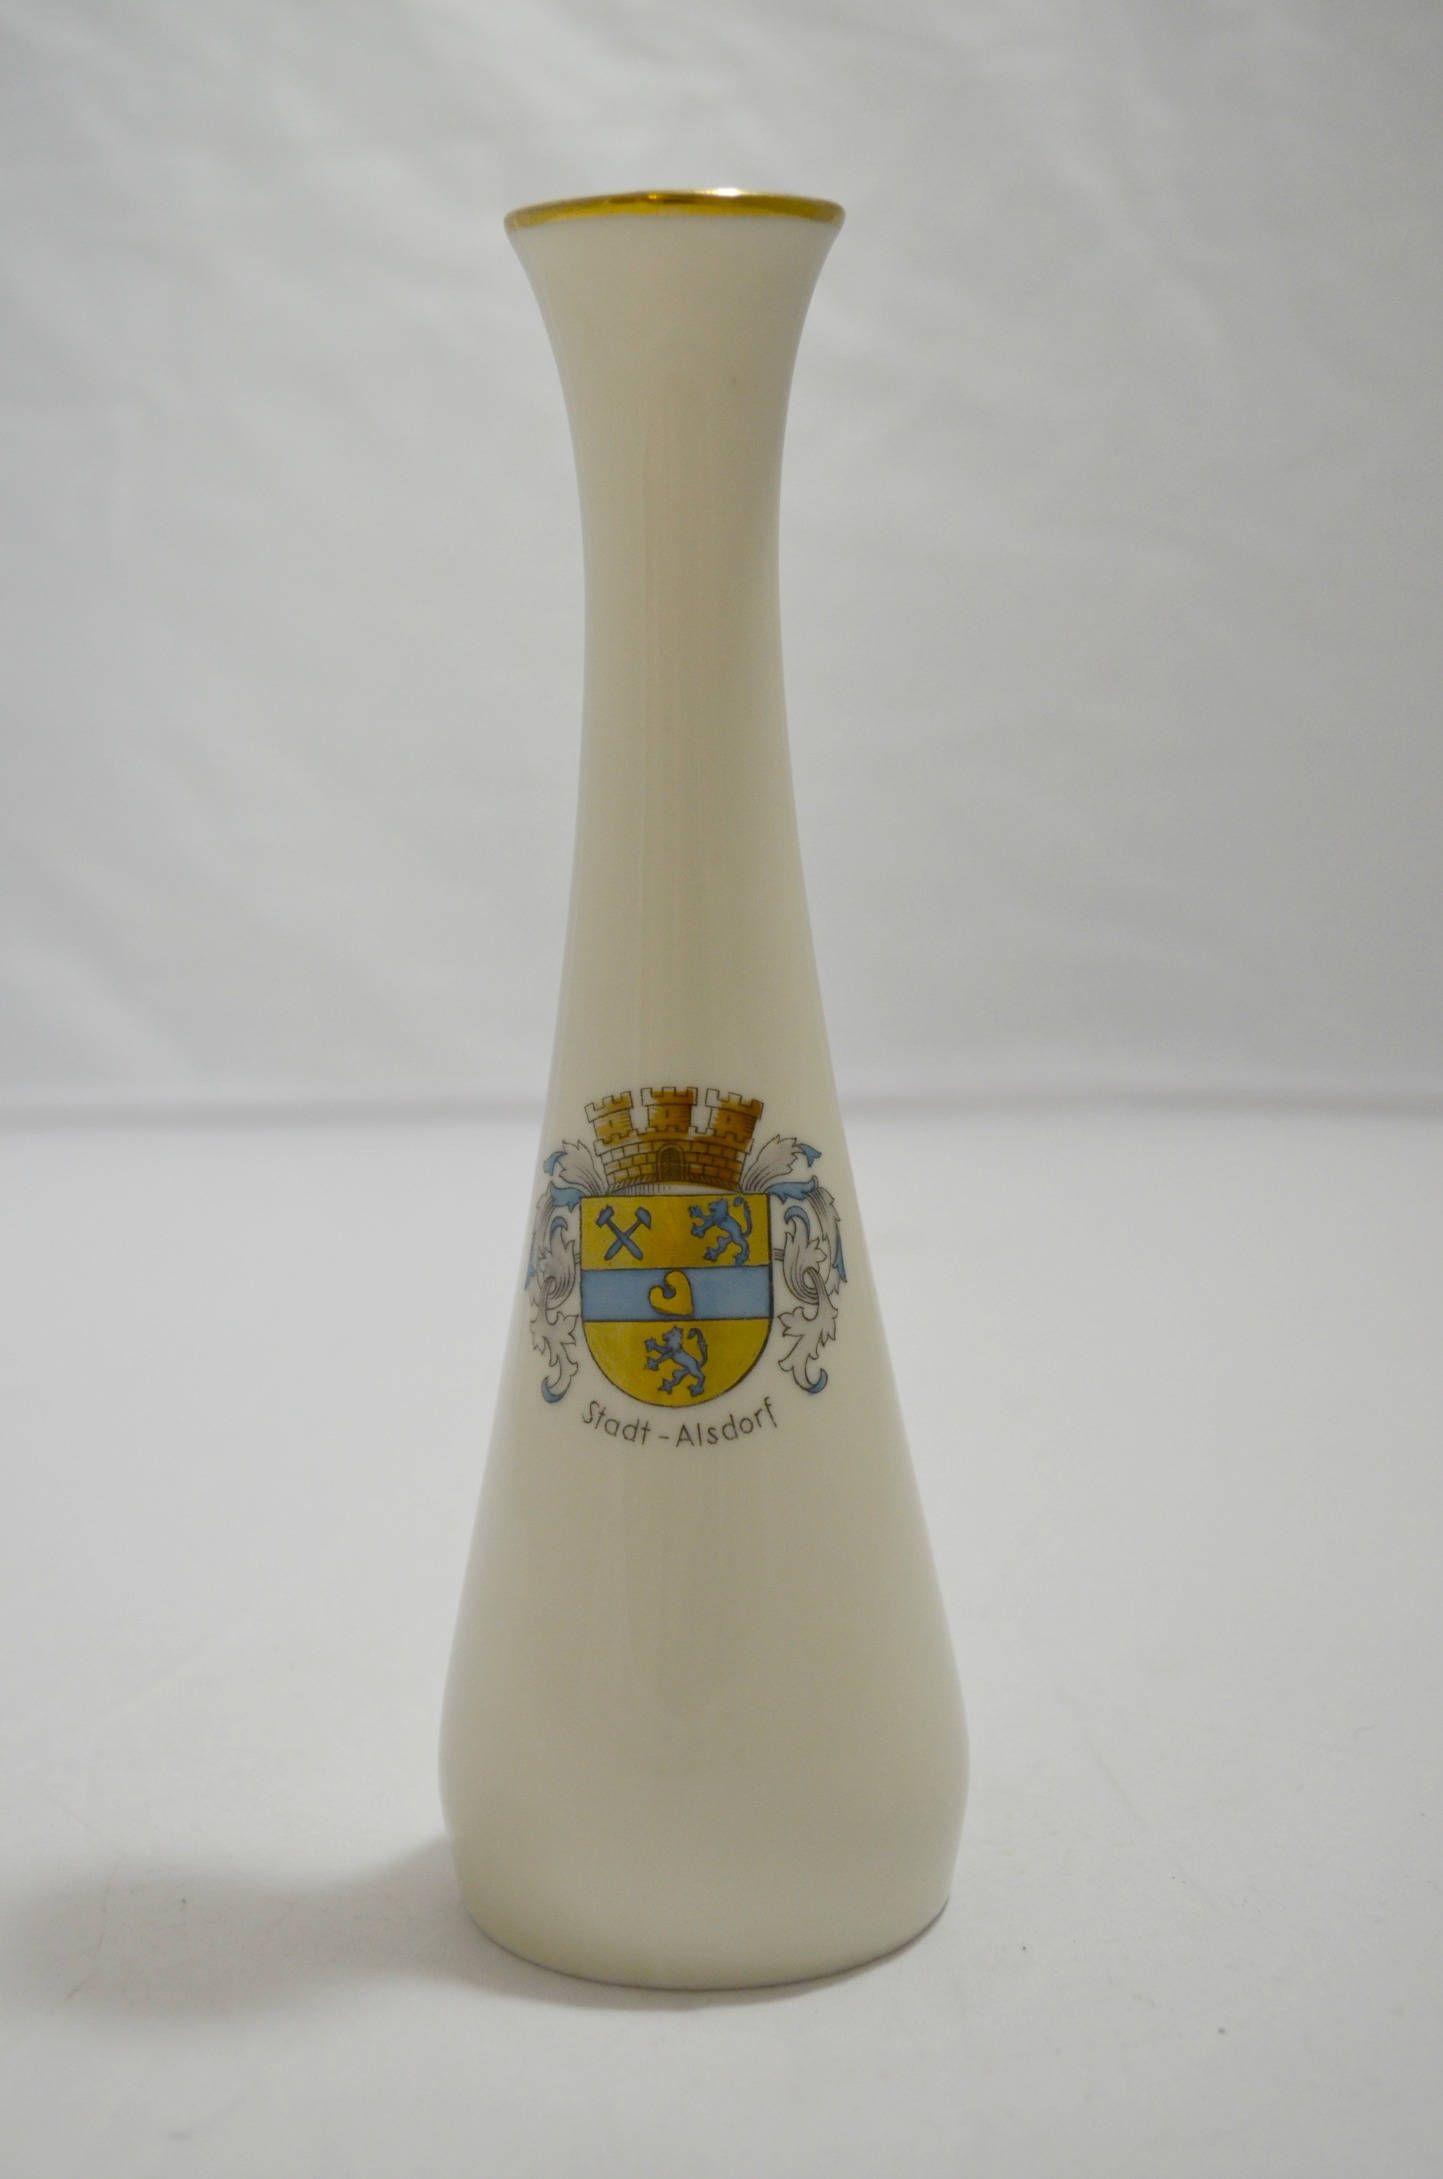 Stadt Alsdorf Bud Vase By Gerold Porzellan Bavaria Bud Vases Vase Fine Porcelain